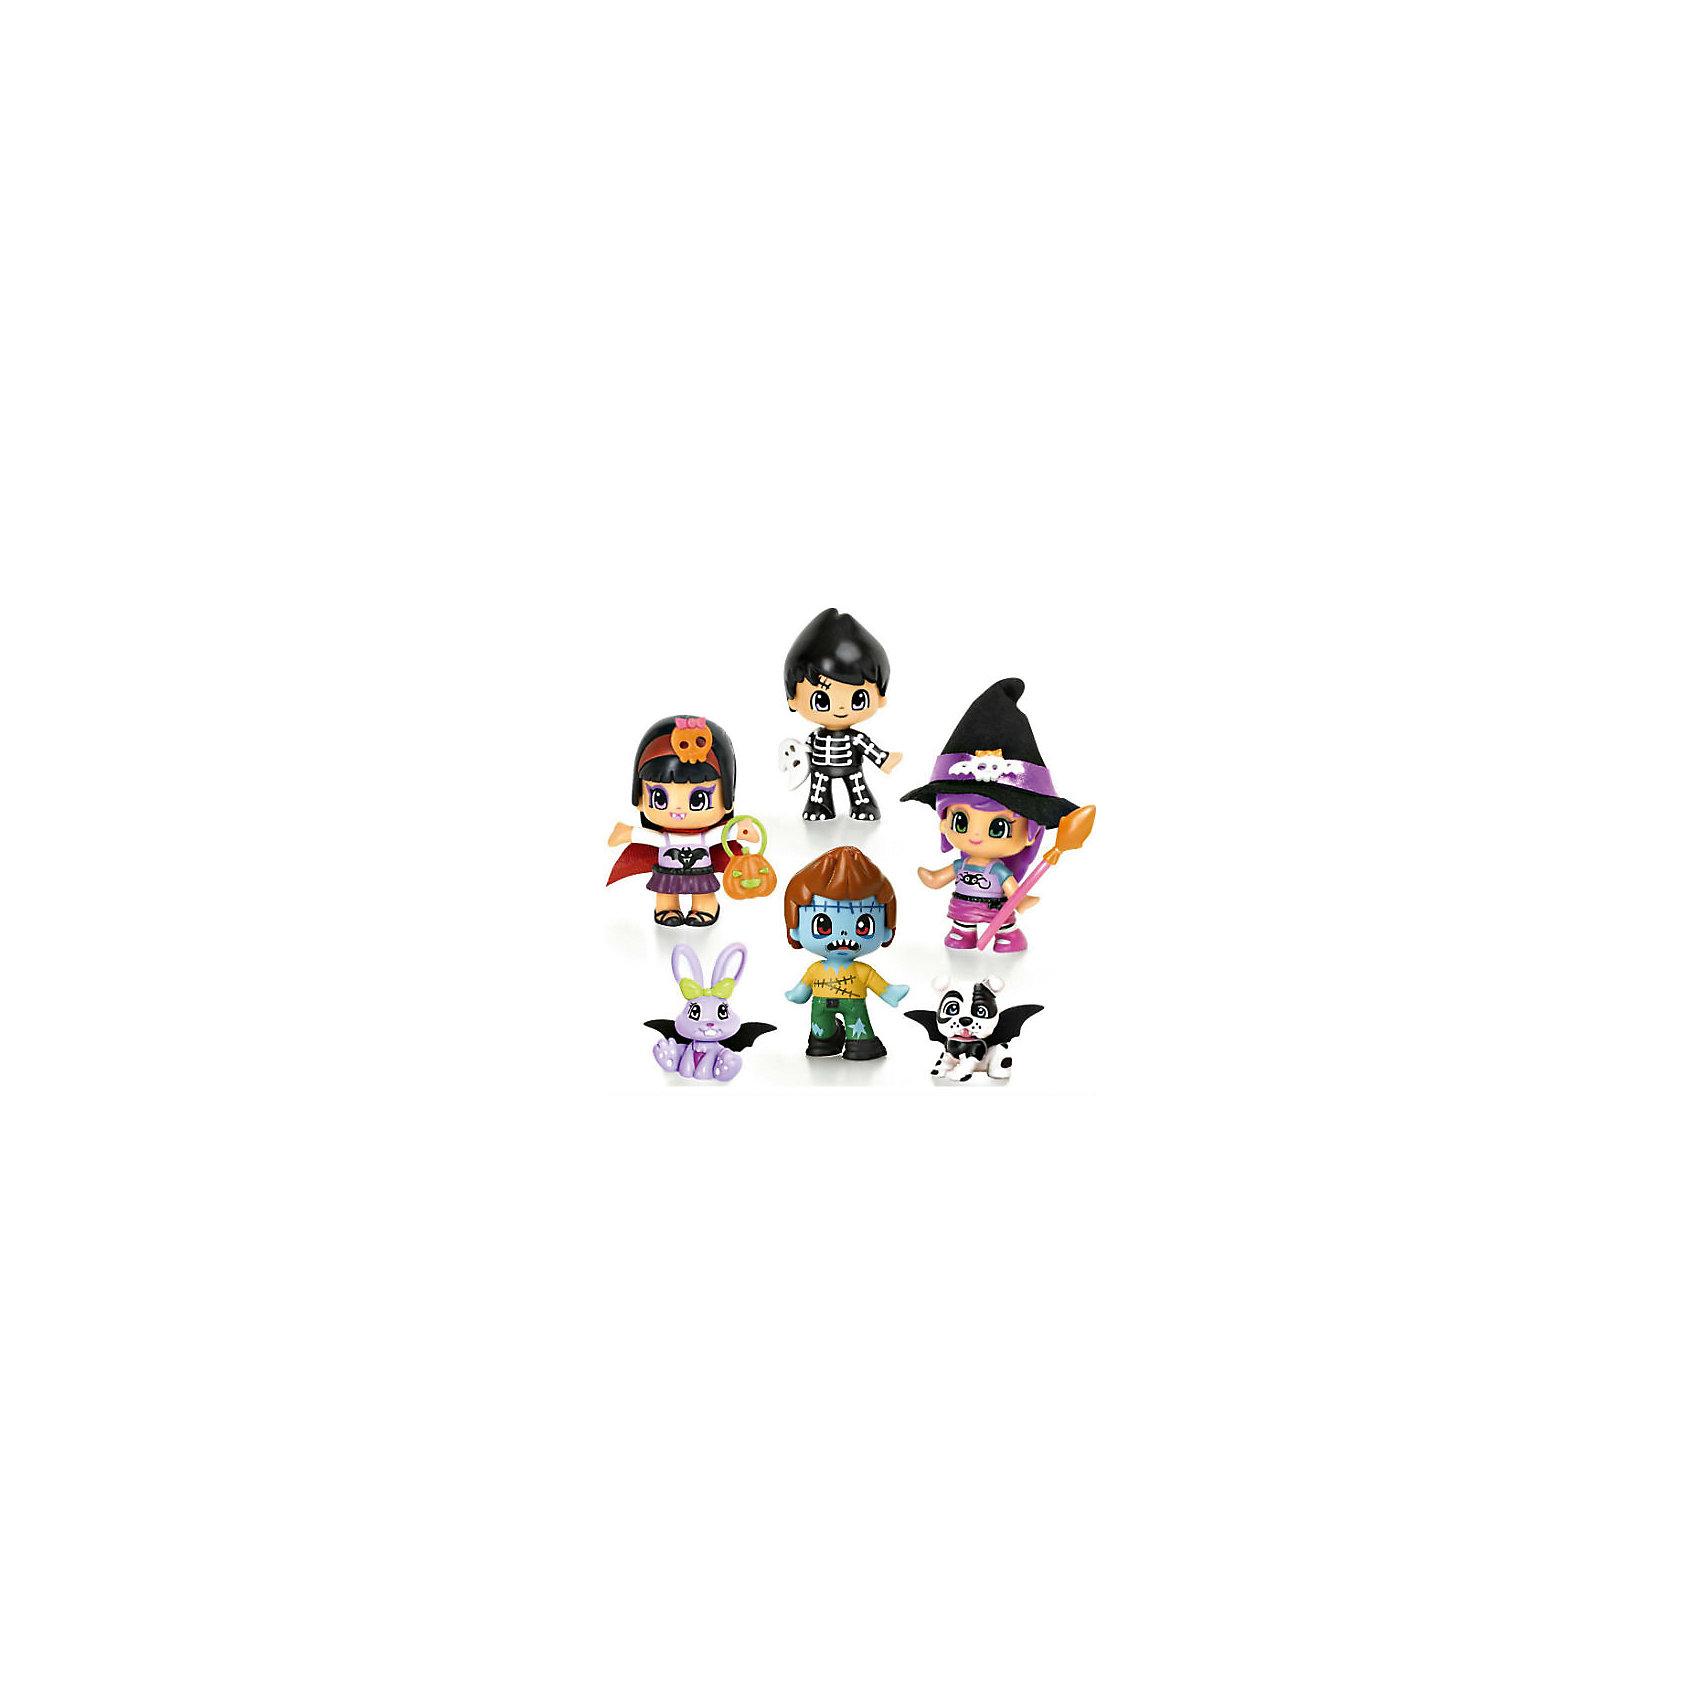 Famosa Большой игровой набор Пинипон, серия Monster, Famosa набор 2 кукол famosa пинипон чемпионы аксесс 2 в ассорт